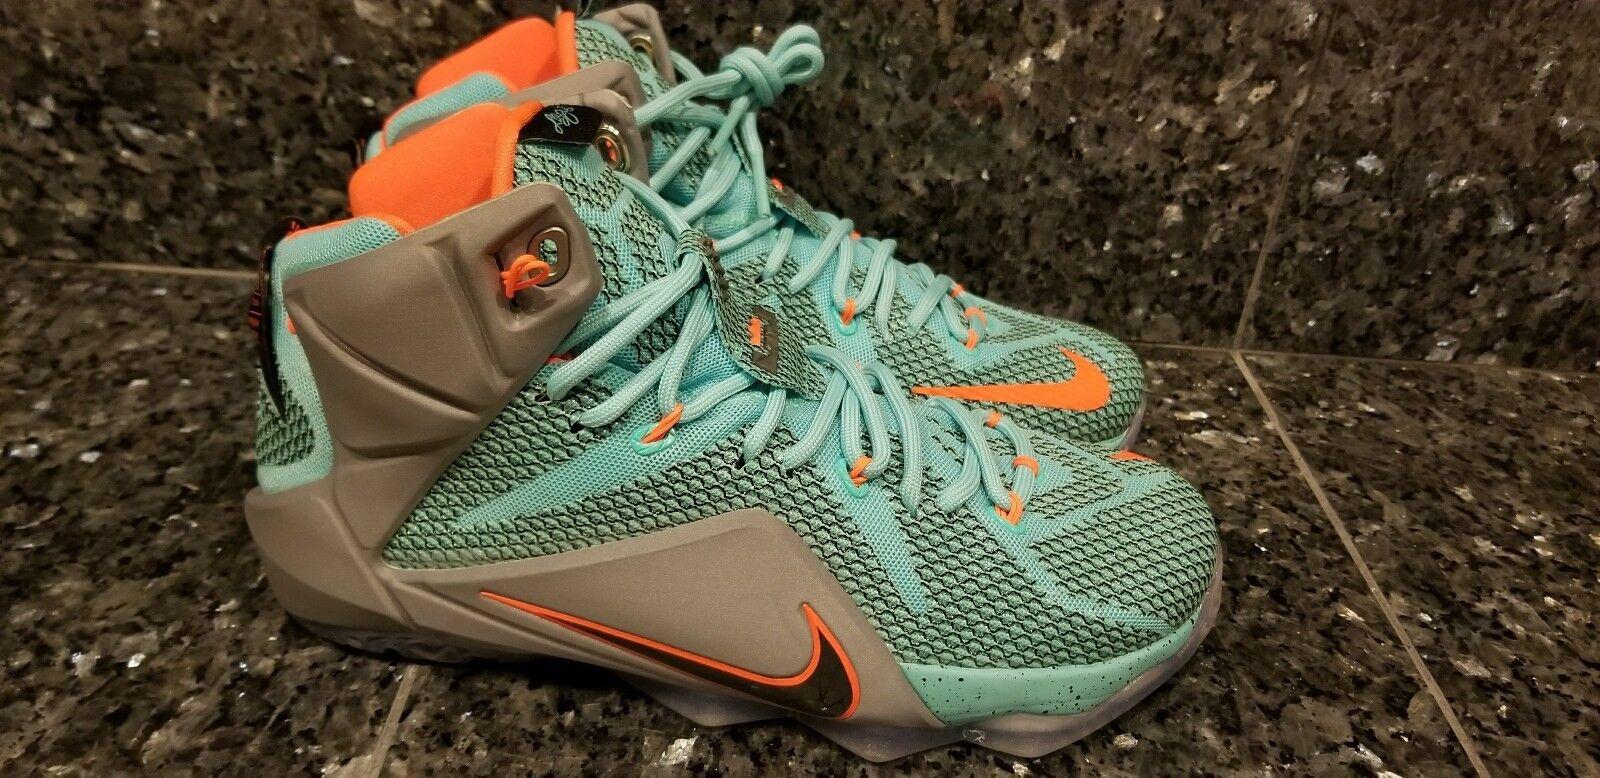 Nike Lebron XII 12 NSRL Miami Dolphins Black Grey Turquoise SZ 8.5 (684593-301)